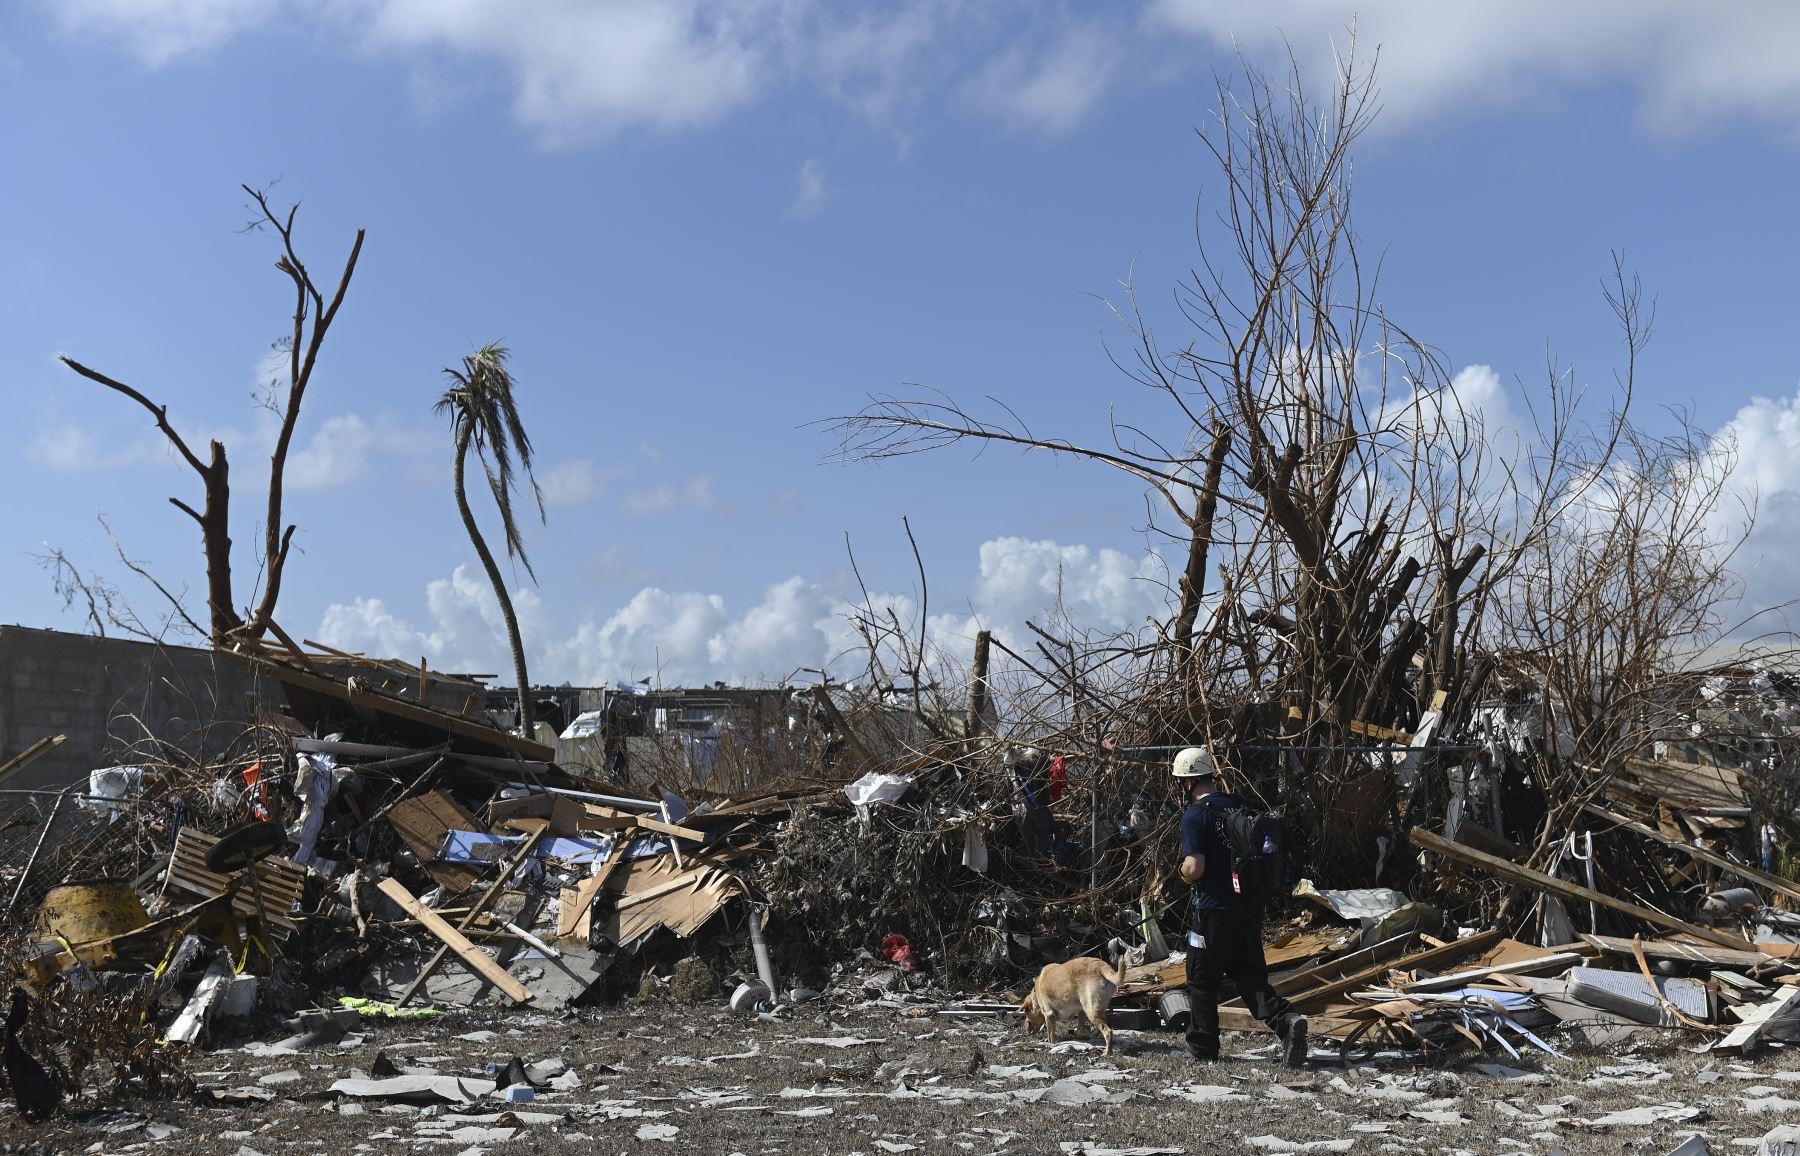 Un equipo canadiense de búsqueda y rescate busca en los escombros en Marsh Harbour, Bahamas, una semana después del paso del huracán Dorian. Las autoridades de Bahamas han actualizado el número de muertos por el huracán Dorian y superan mas de 50 fallecidos. Foto: AFP